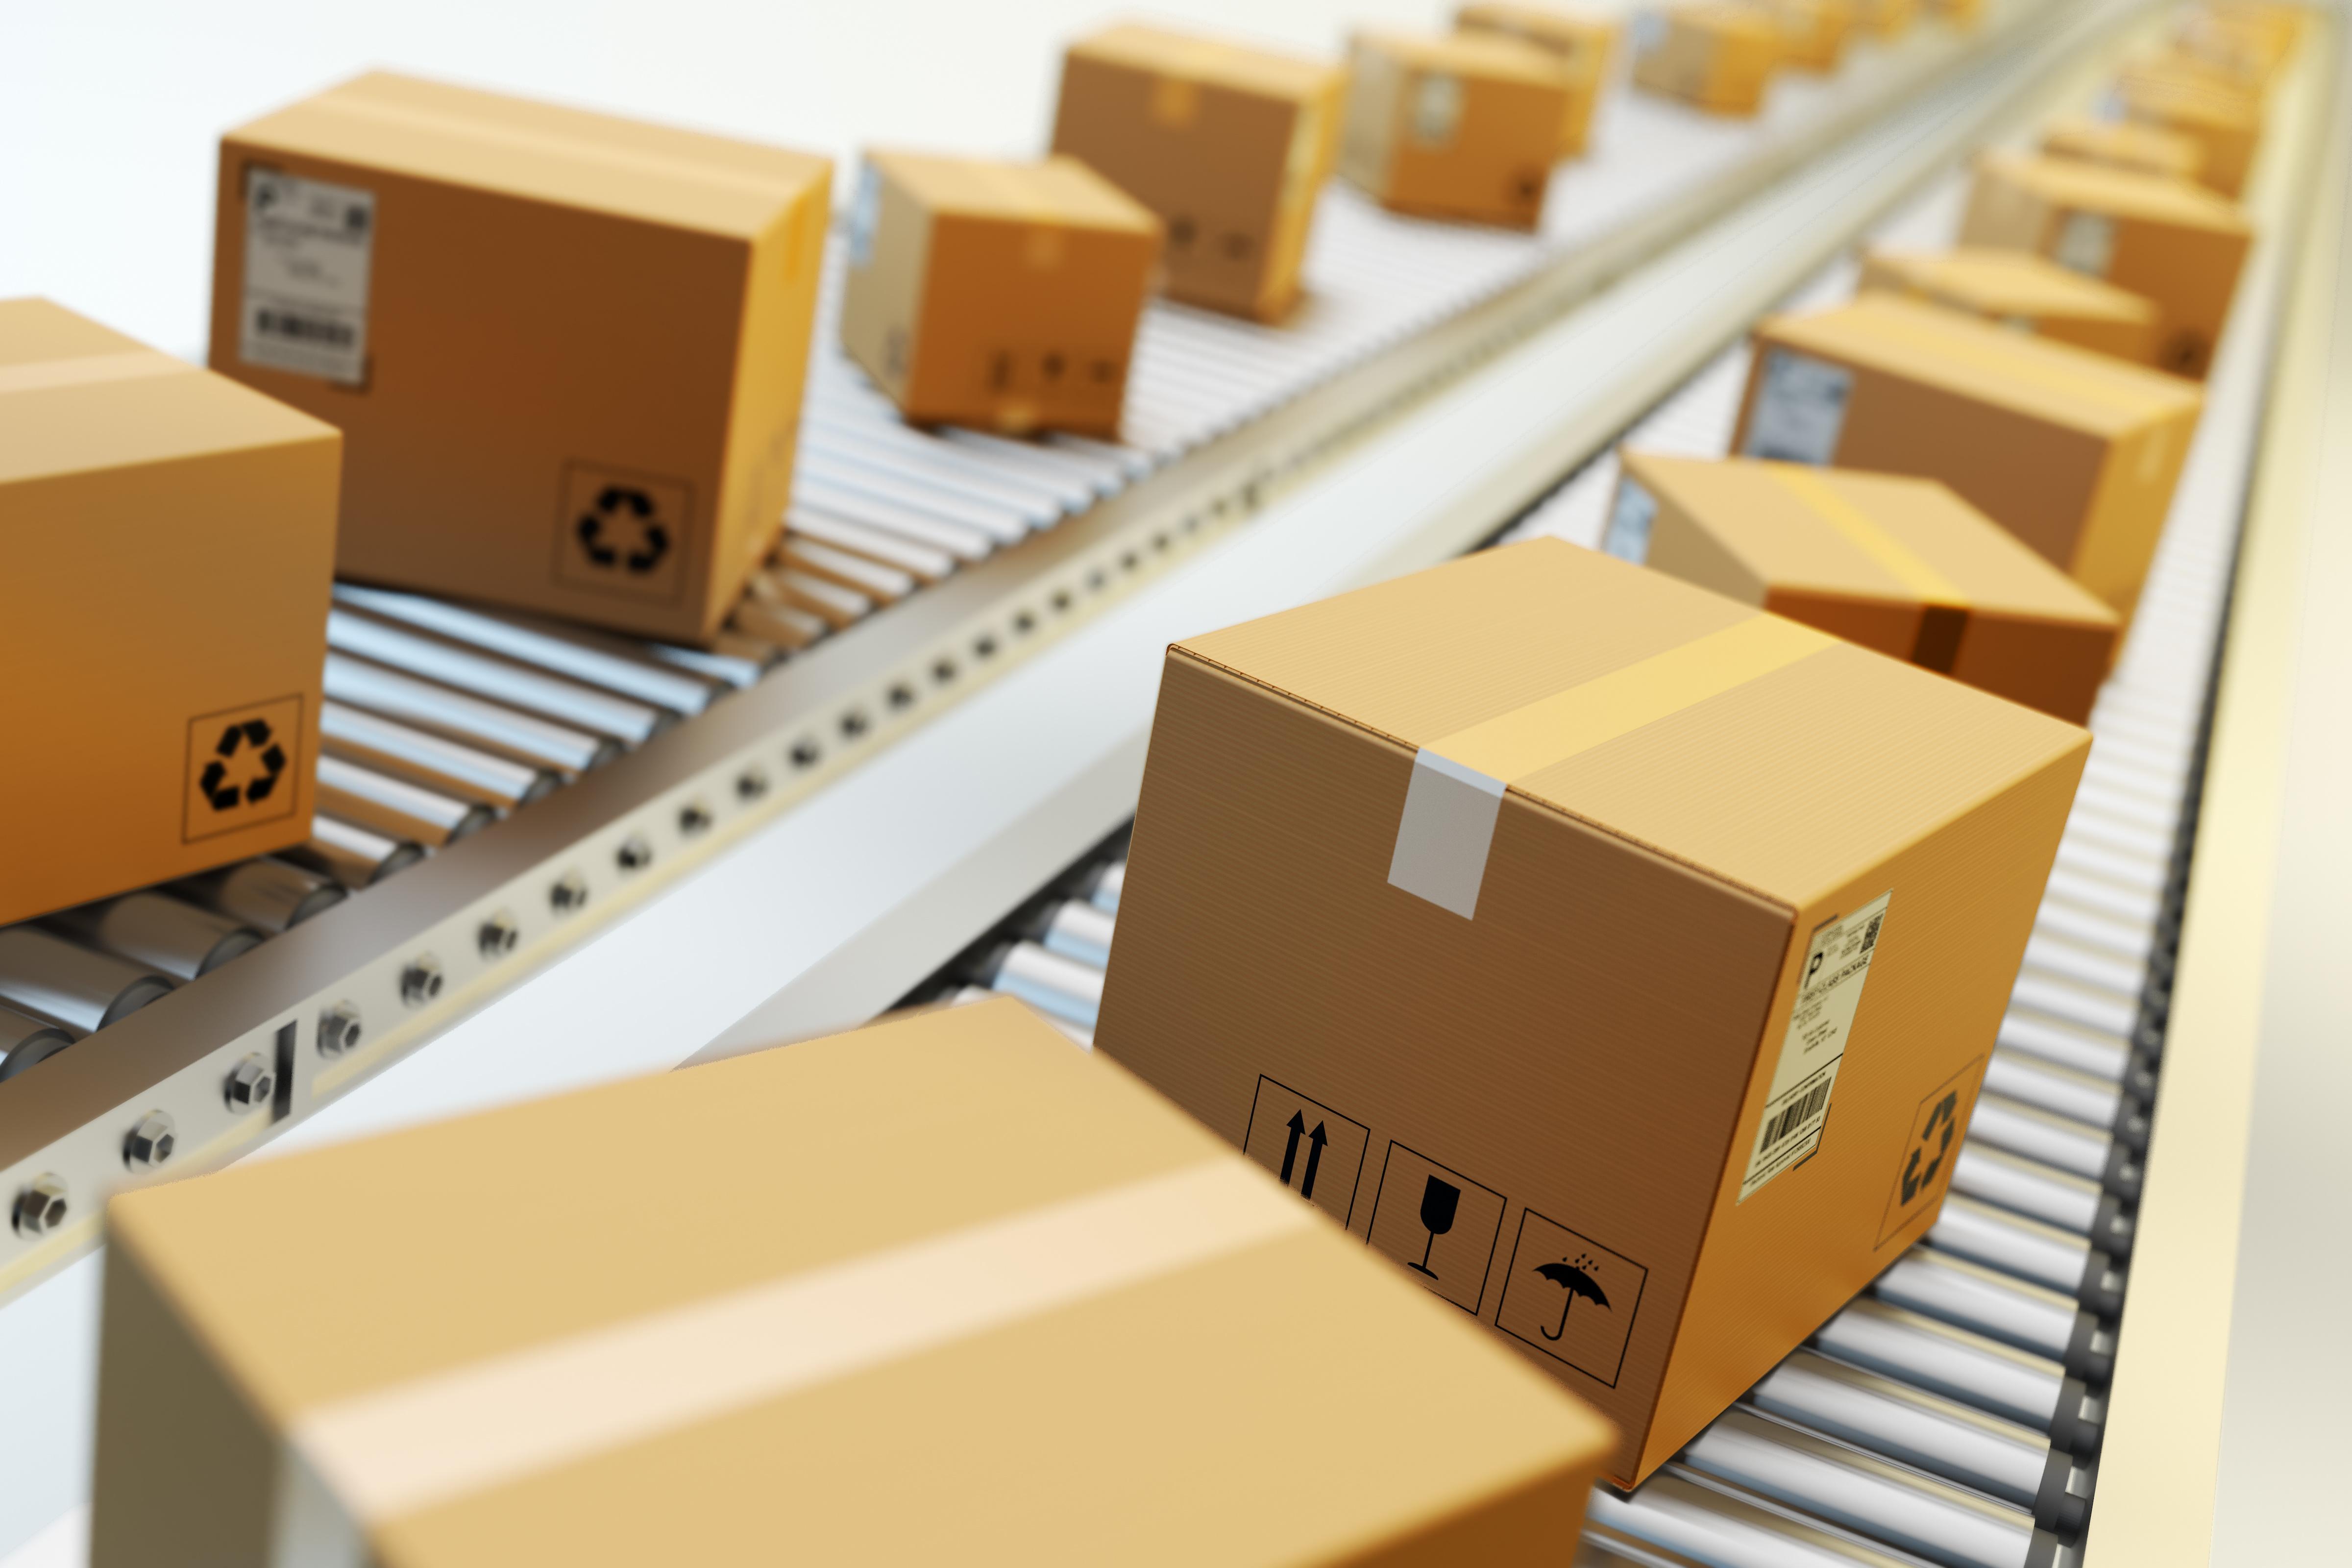 ecommerce boxes on conveyor belt